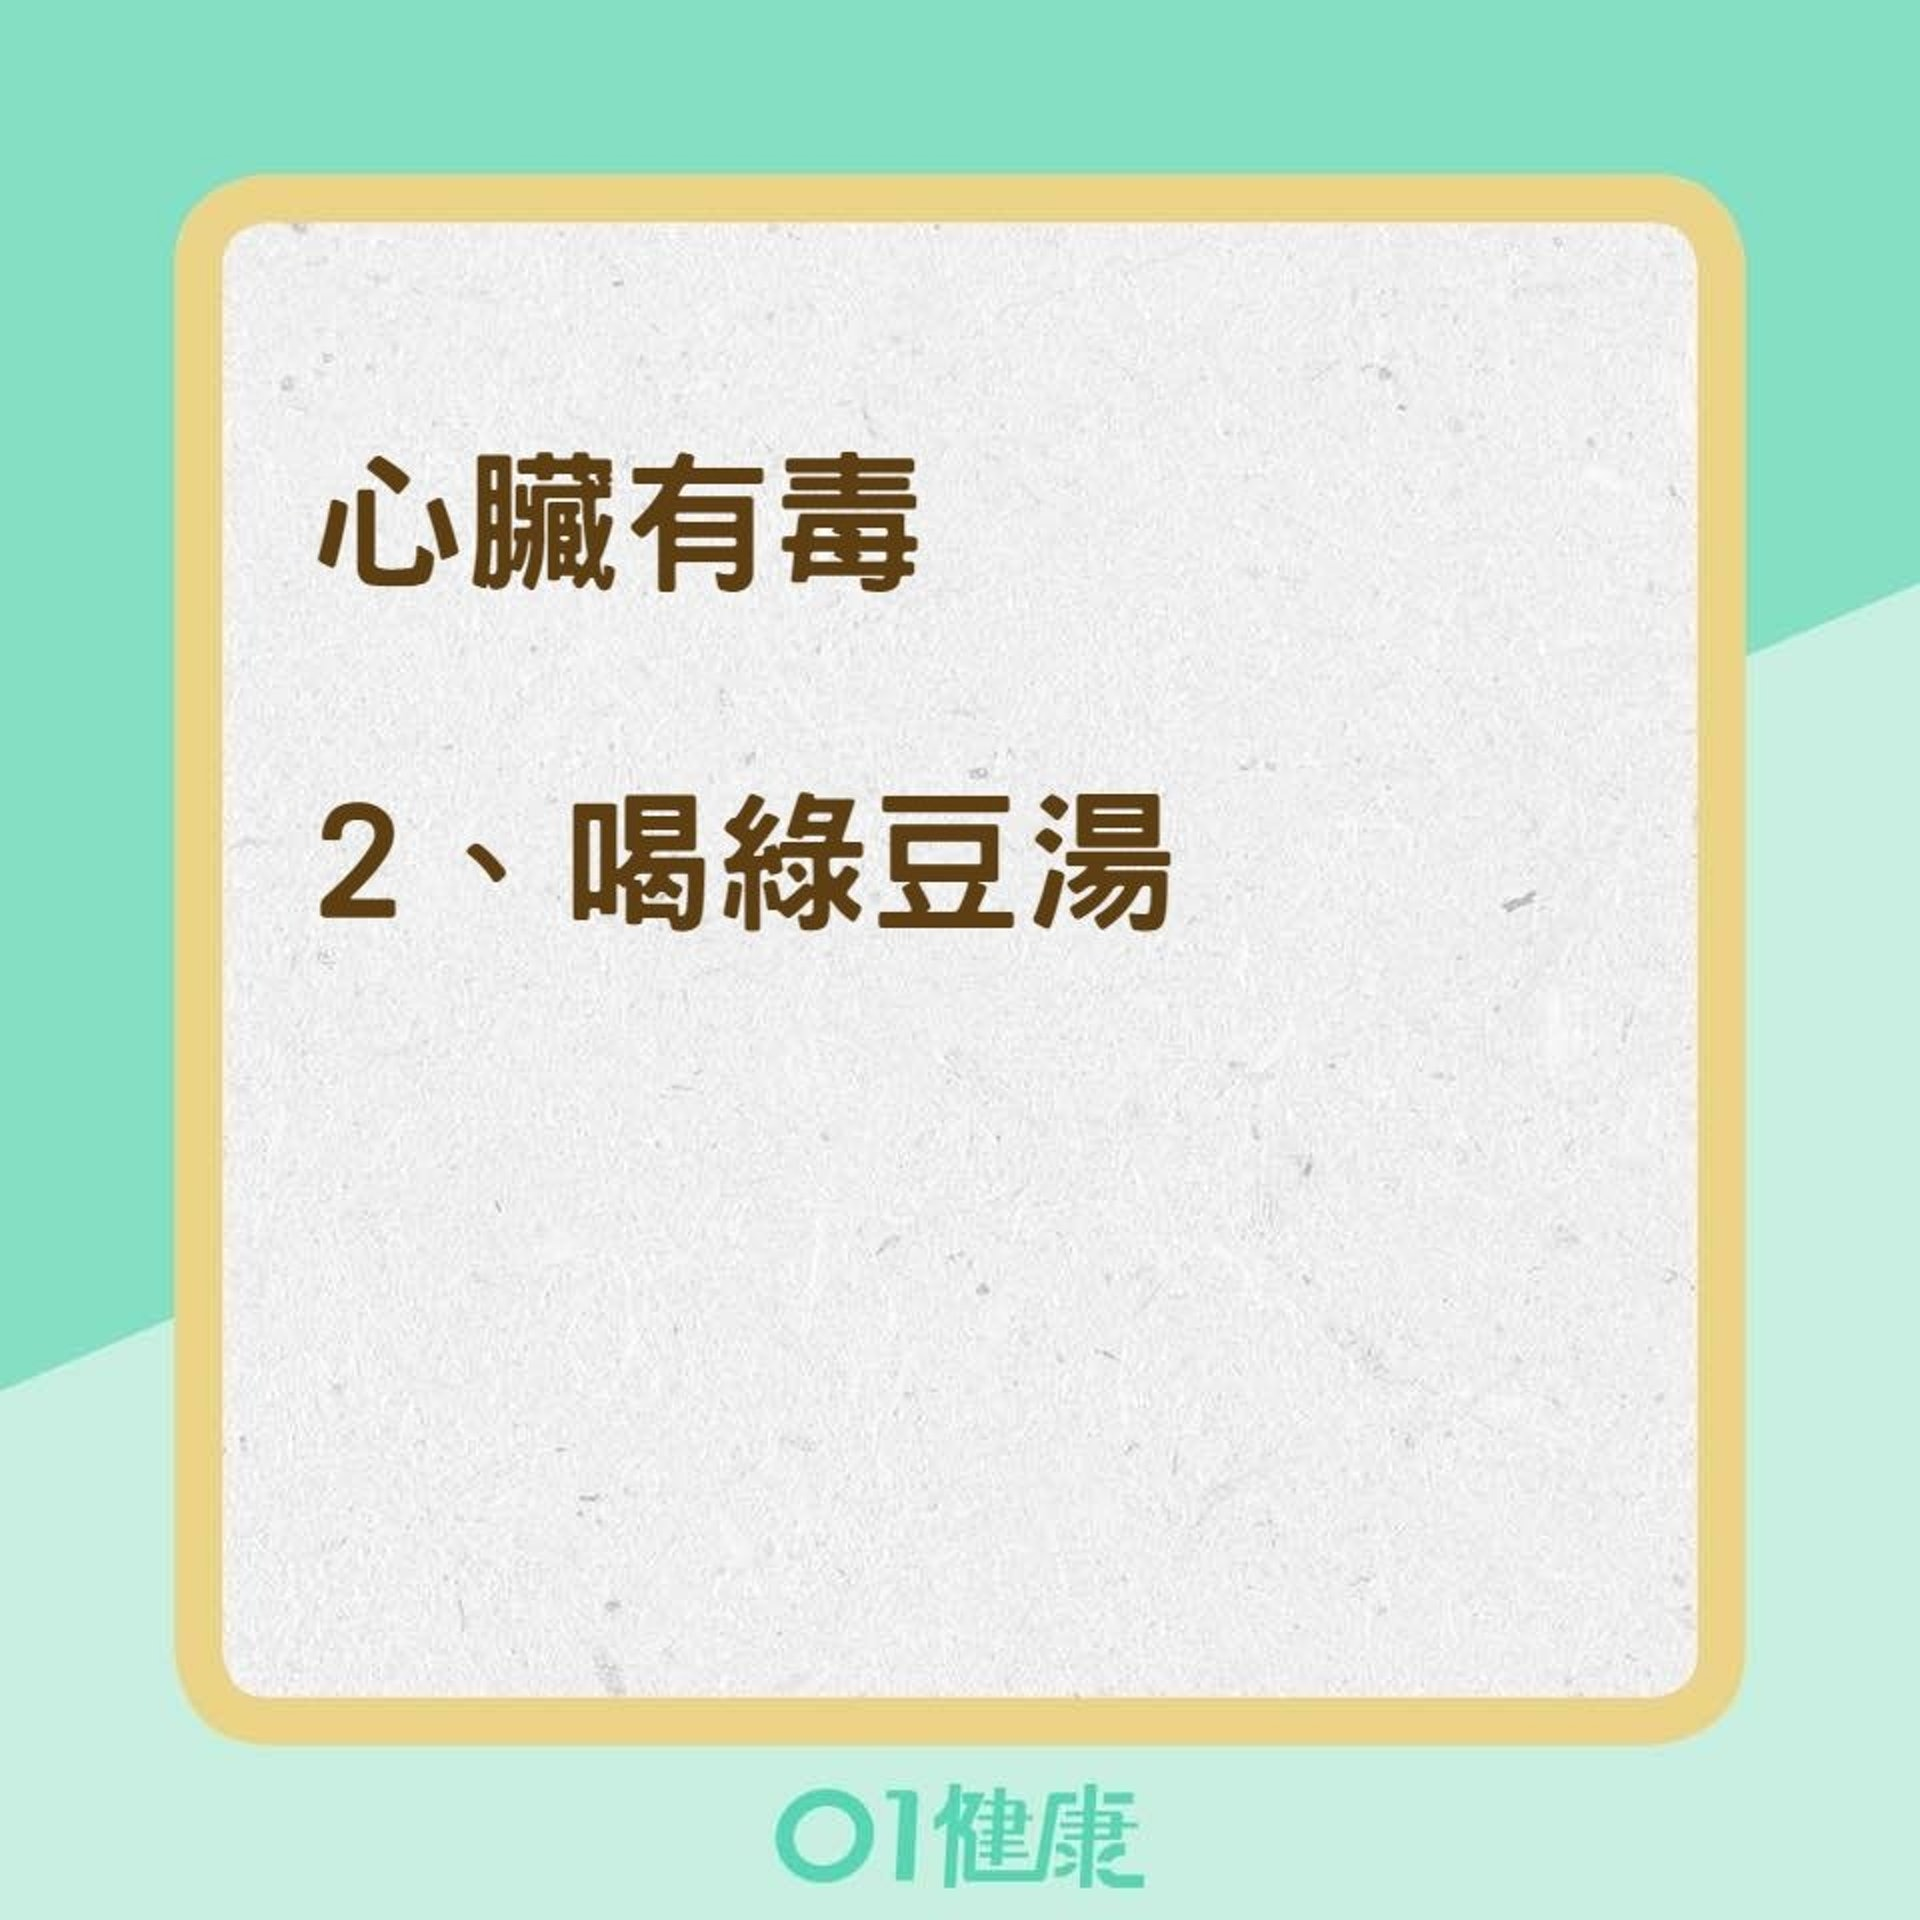 五臟六腑各器官排毒法(01製圖)